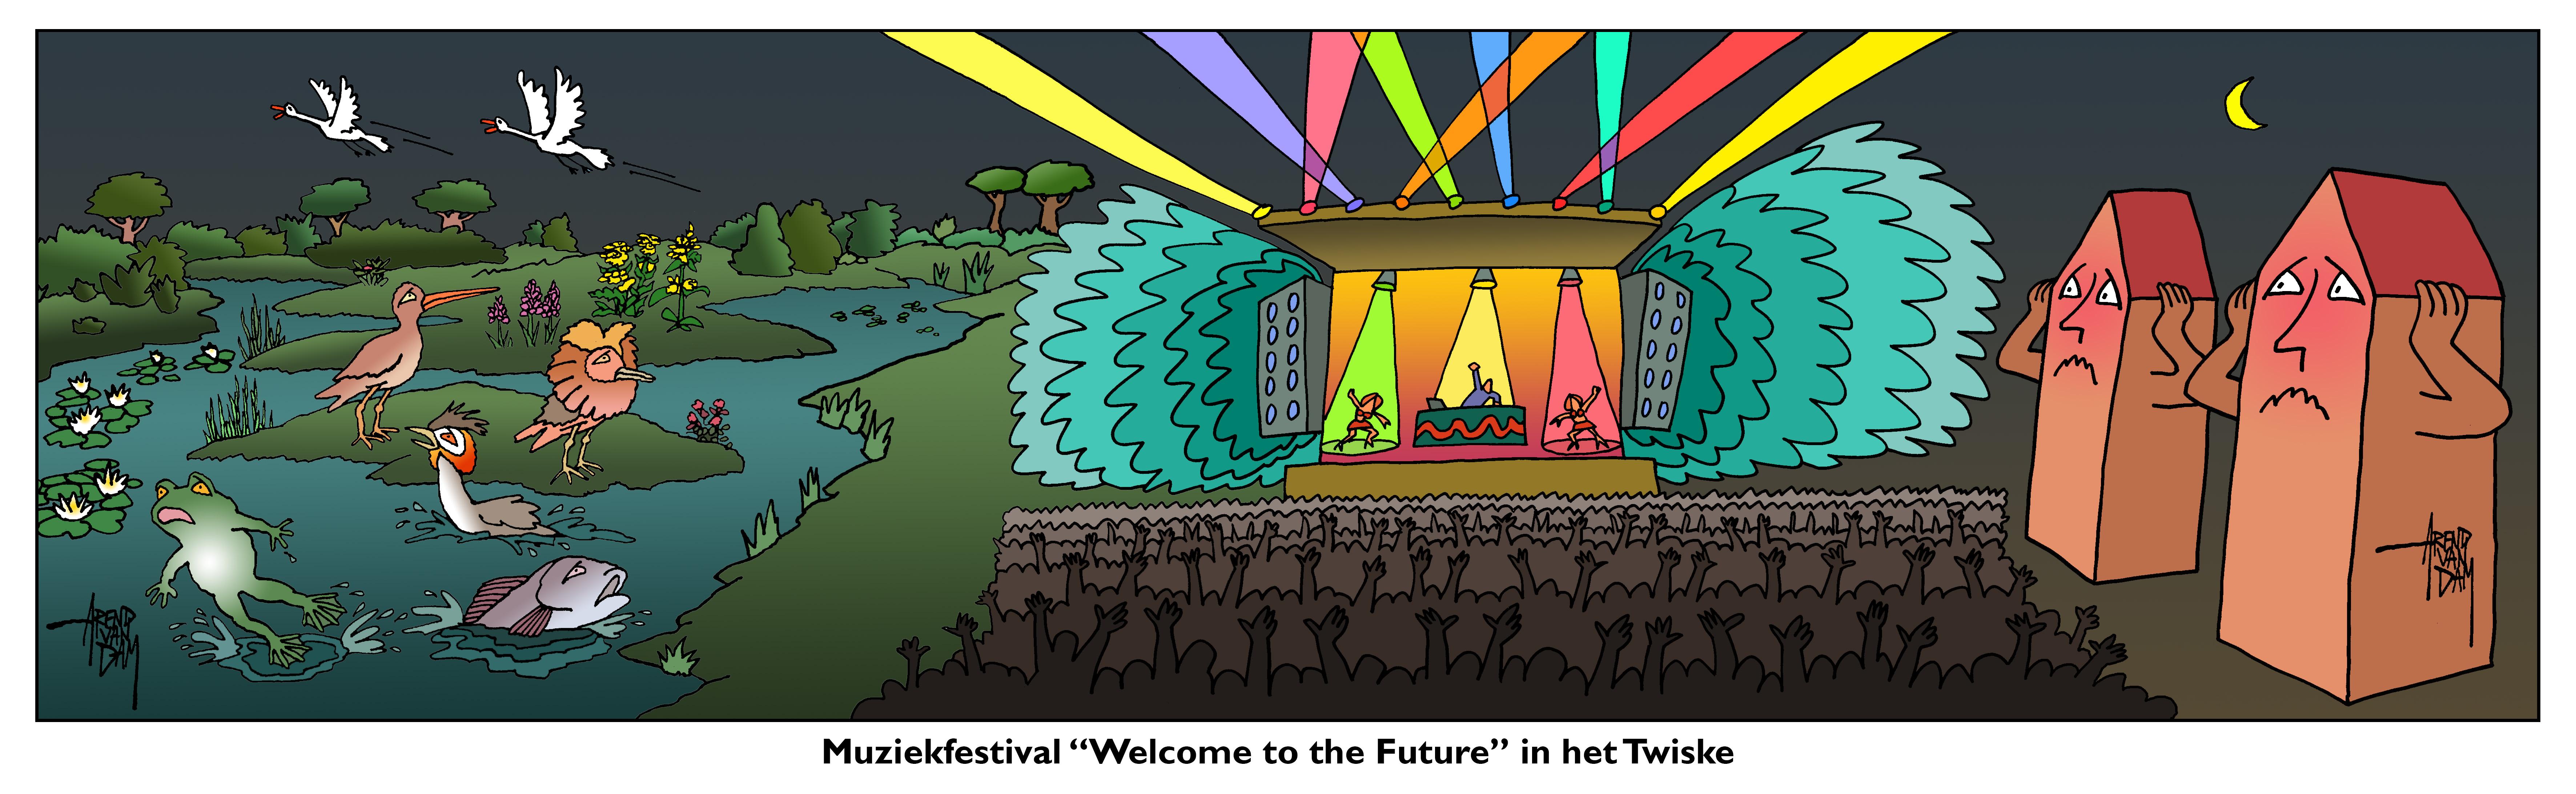 Festival in het Twiske